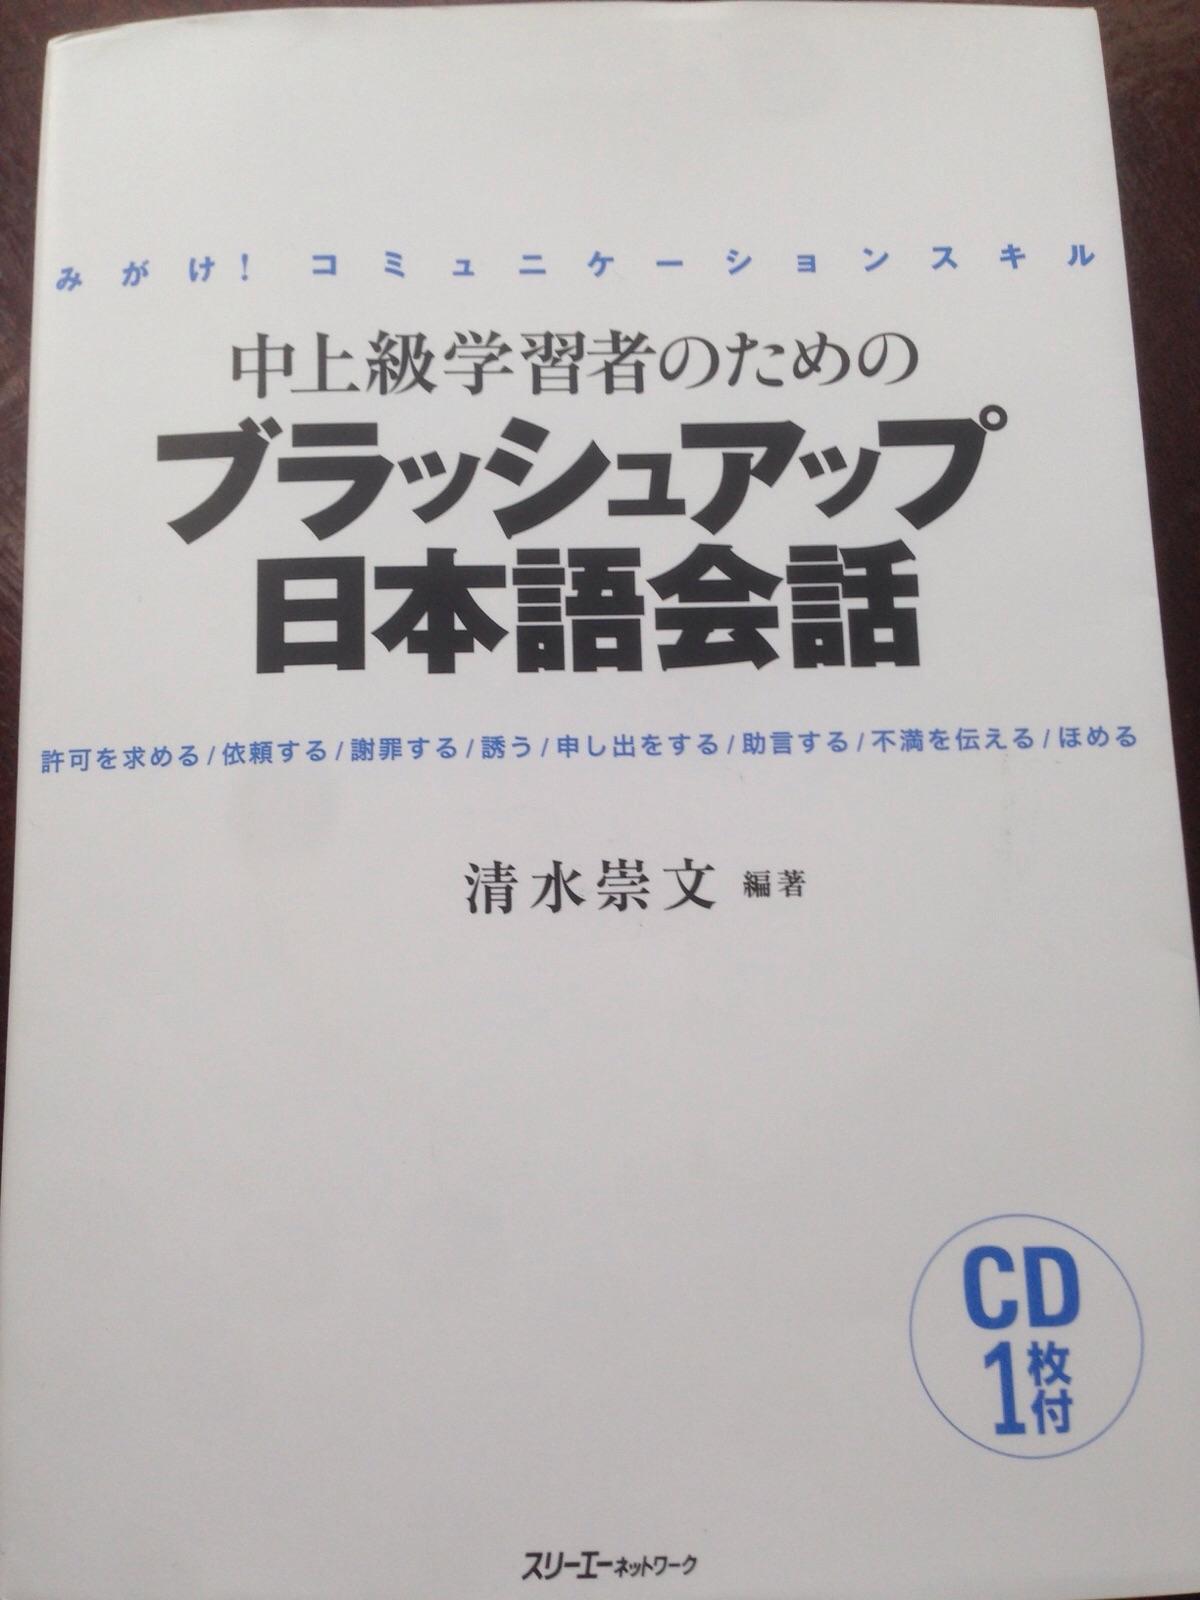 ブラッシュアップ日本語会話